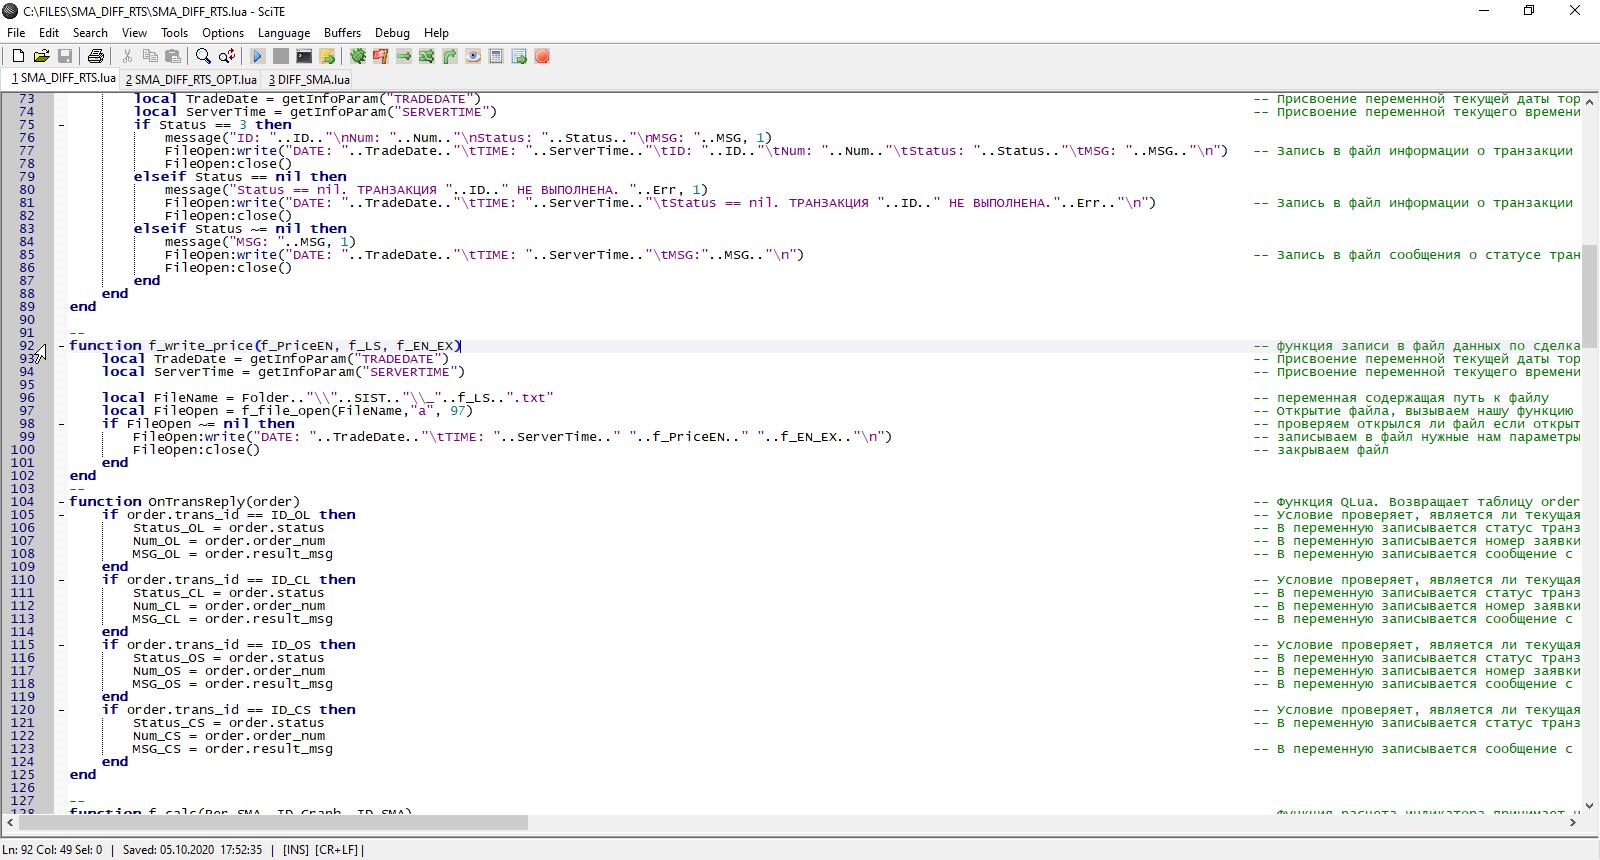 QUIK LUA функция записи сделок торгового робота в файл